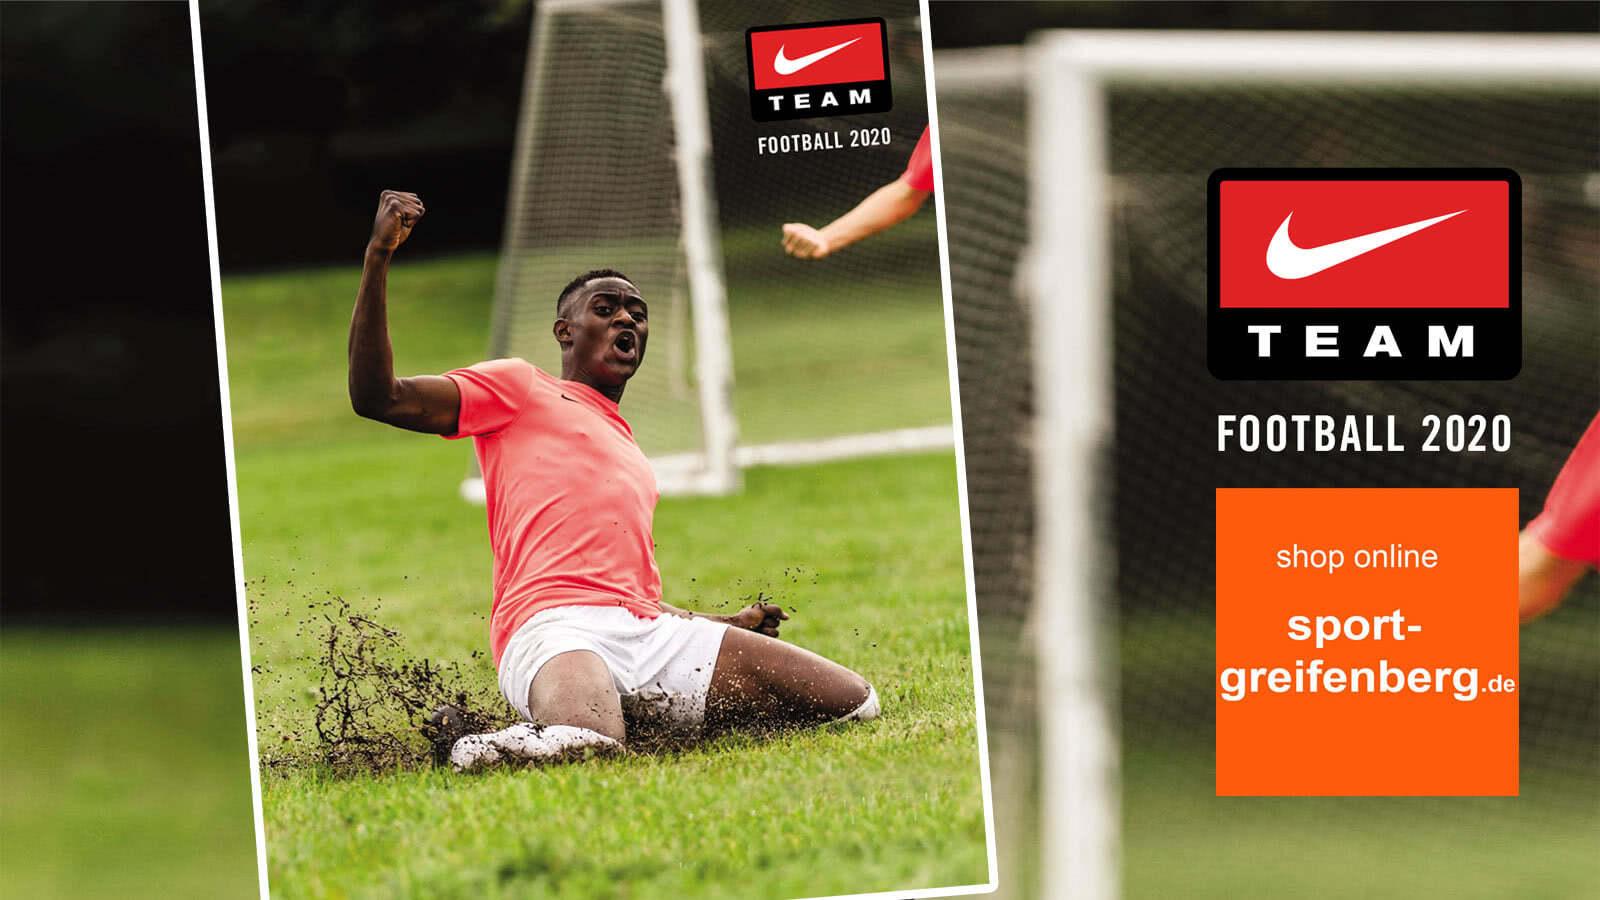 Der Nike Katalog 2020/2021 für Fußball und Teamsport